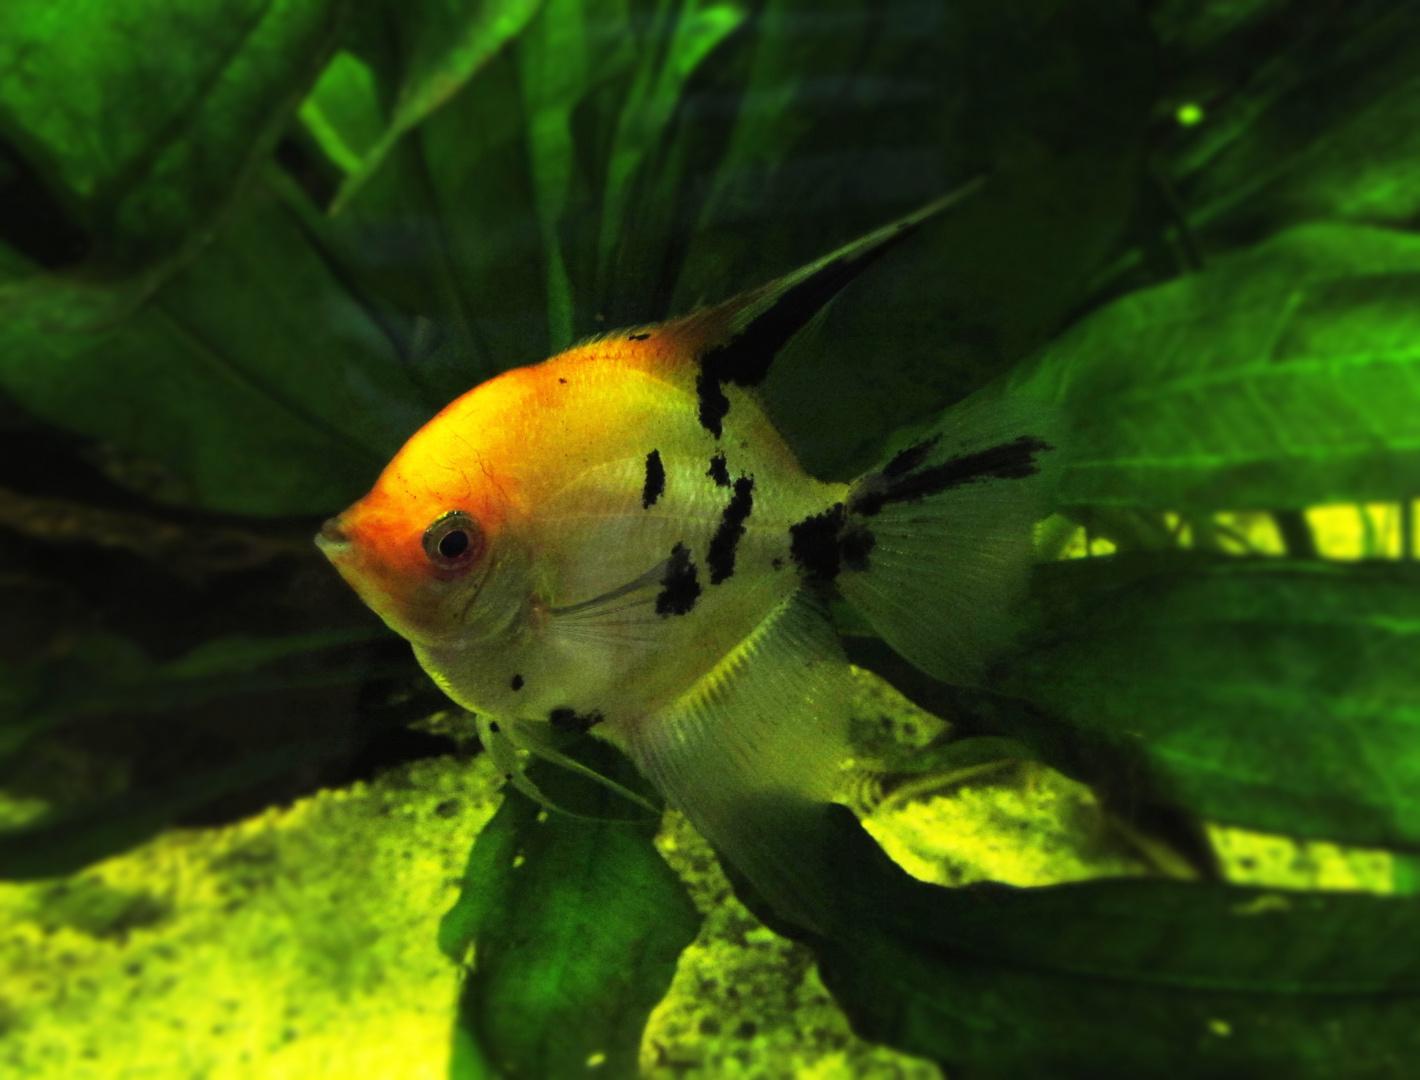 Der Fisch von meinem Opa,(: